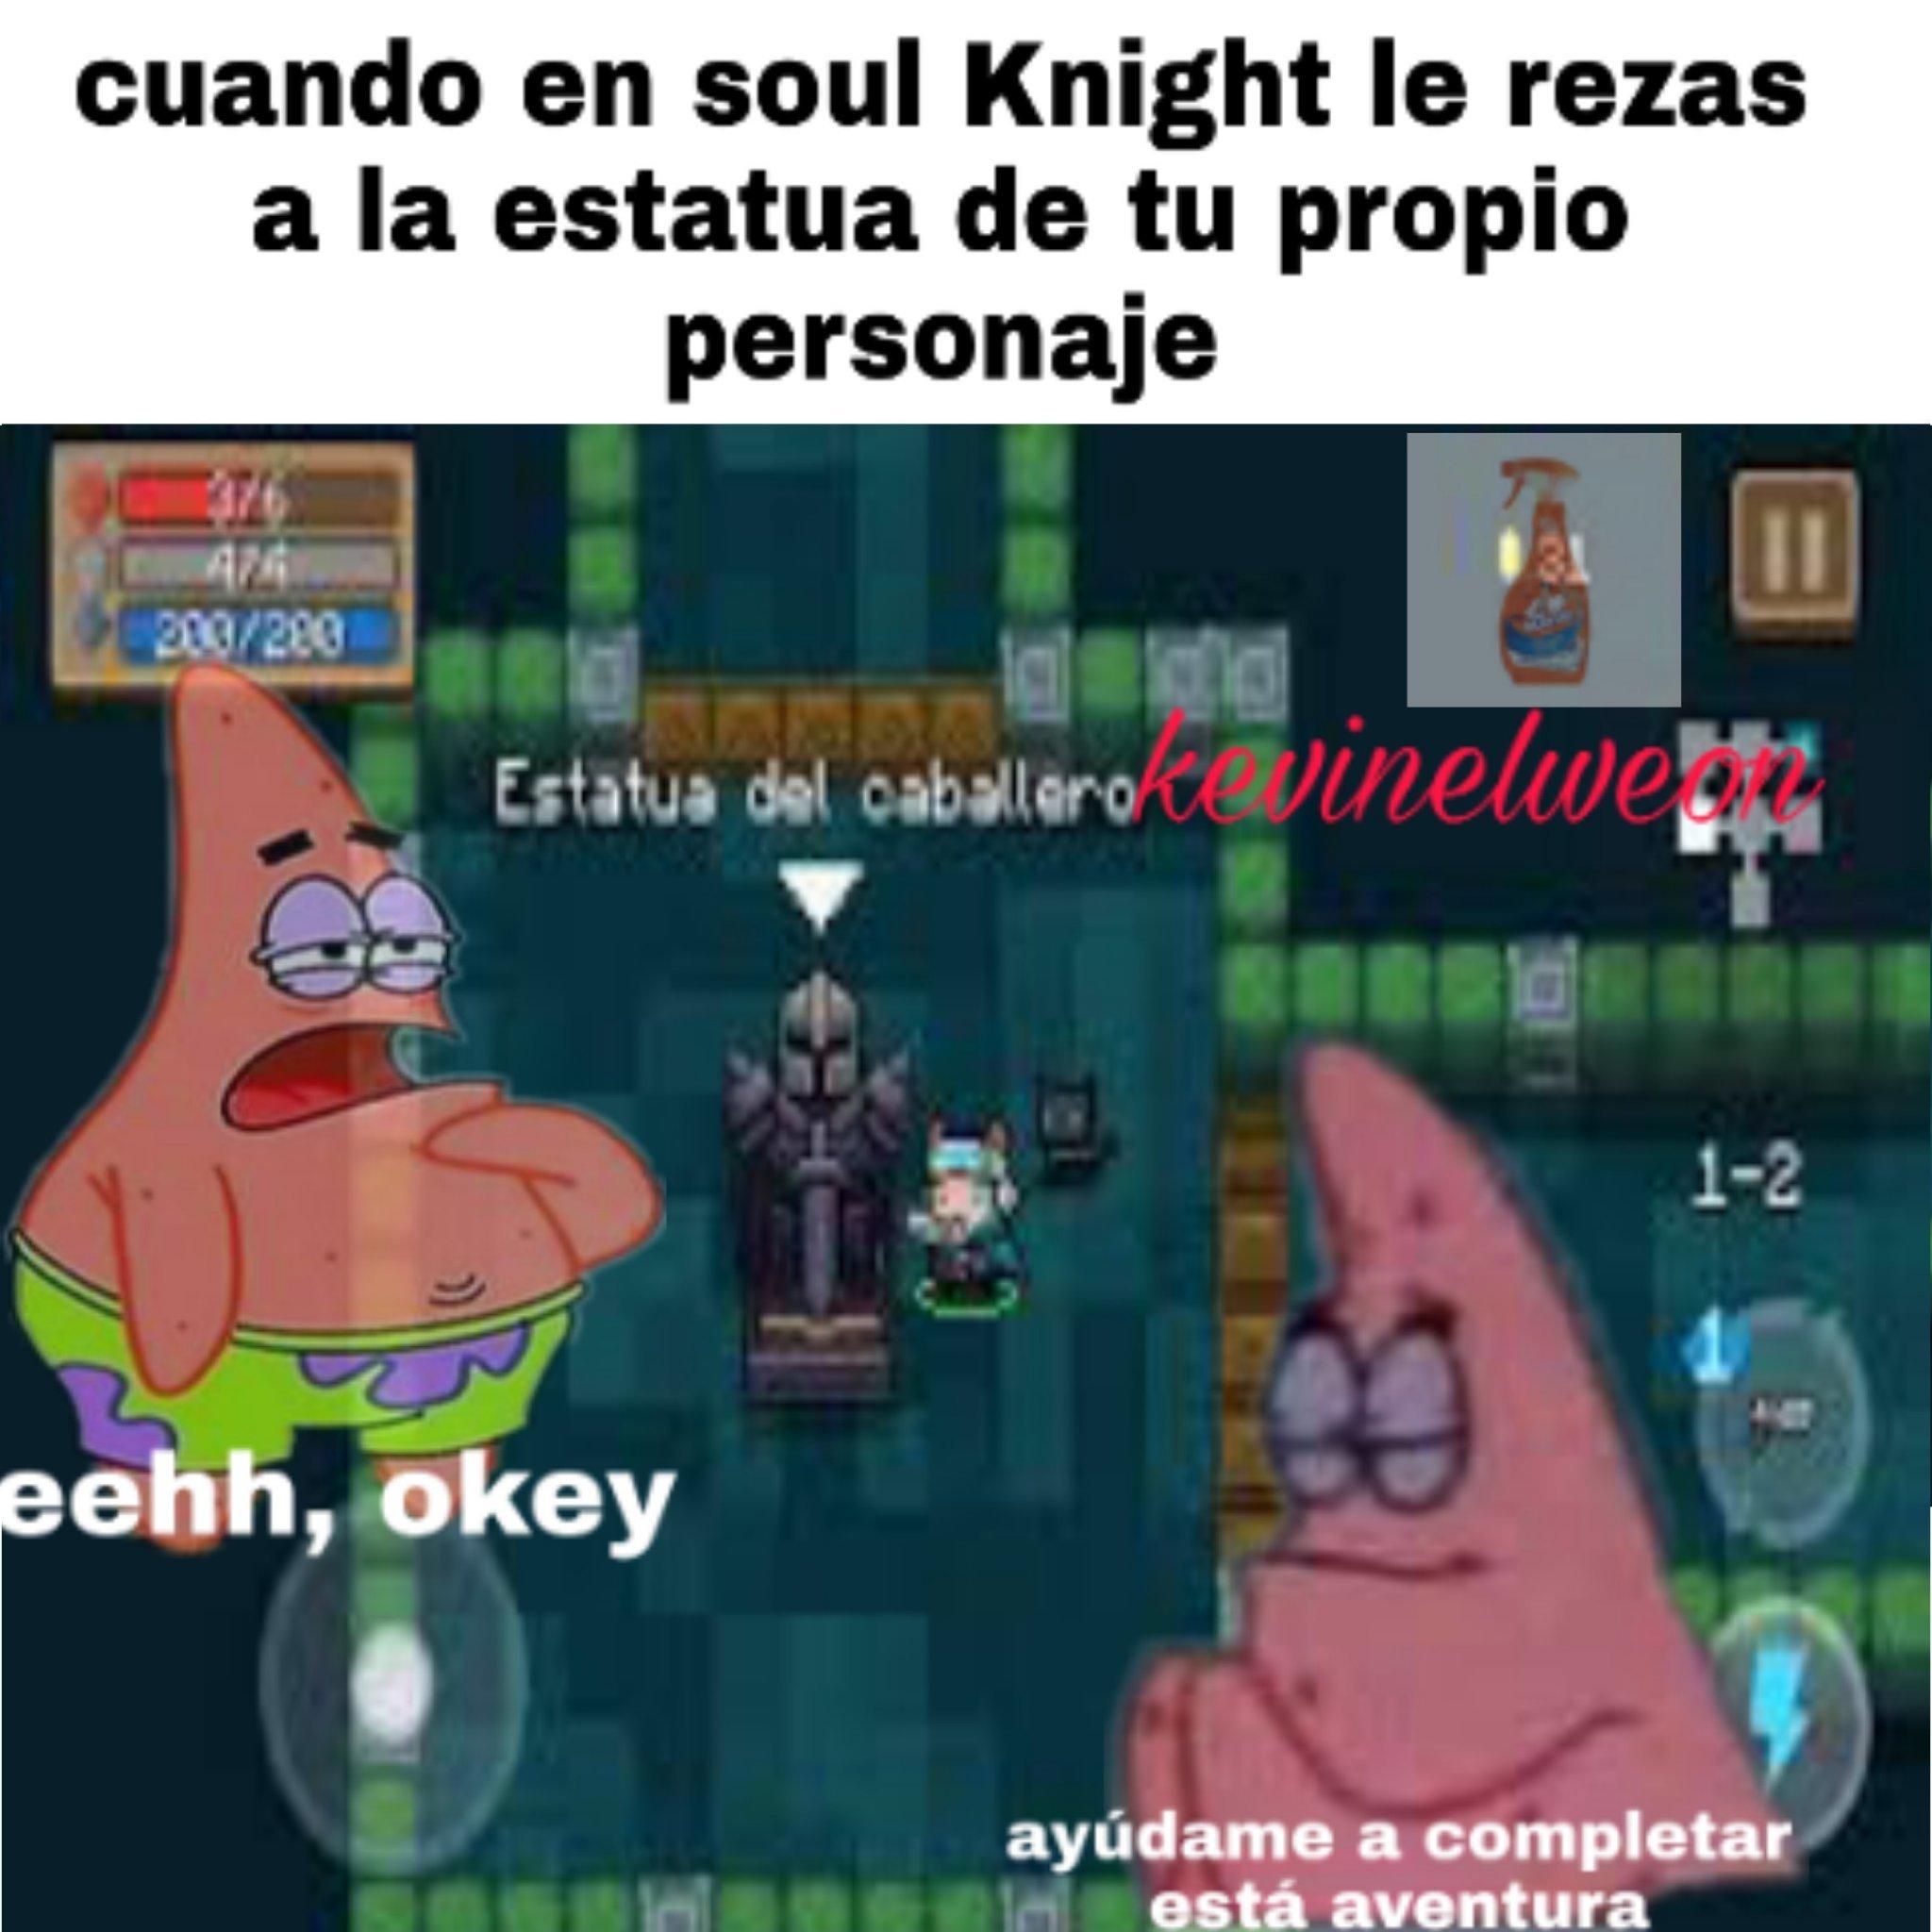 Soul Knight es mi juego favorito el segundo es horrorfield - meme